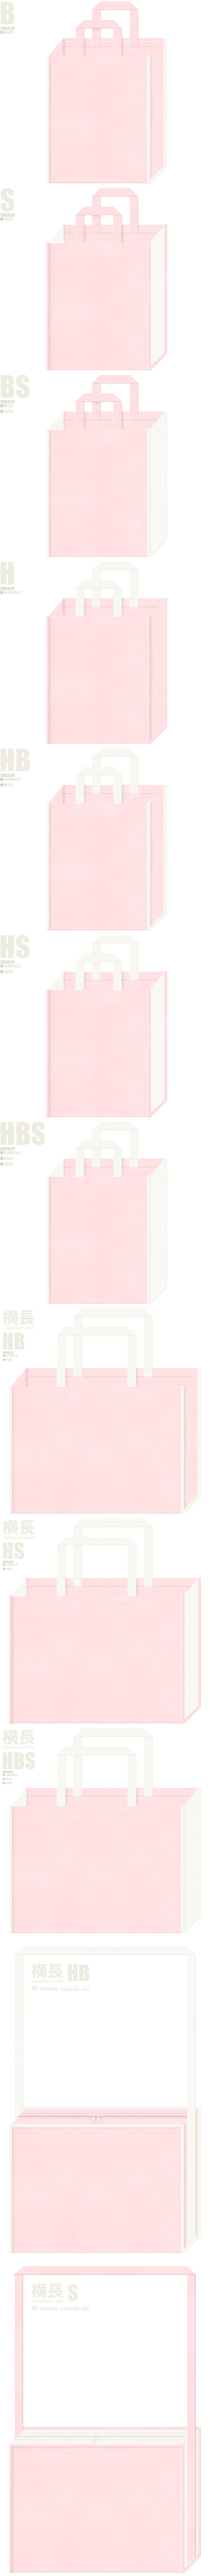 桜色とオフホワイト色、7パターンの不織布トートバッグ配色デザイン例。婚礼アルバム・結婚式打ち合わせ資料保管用のバッグにお奨めです。